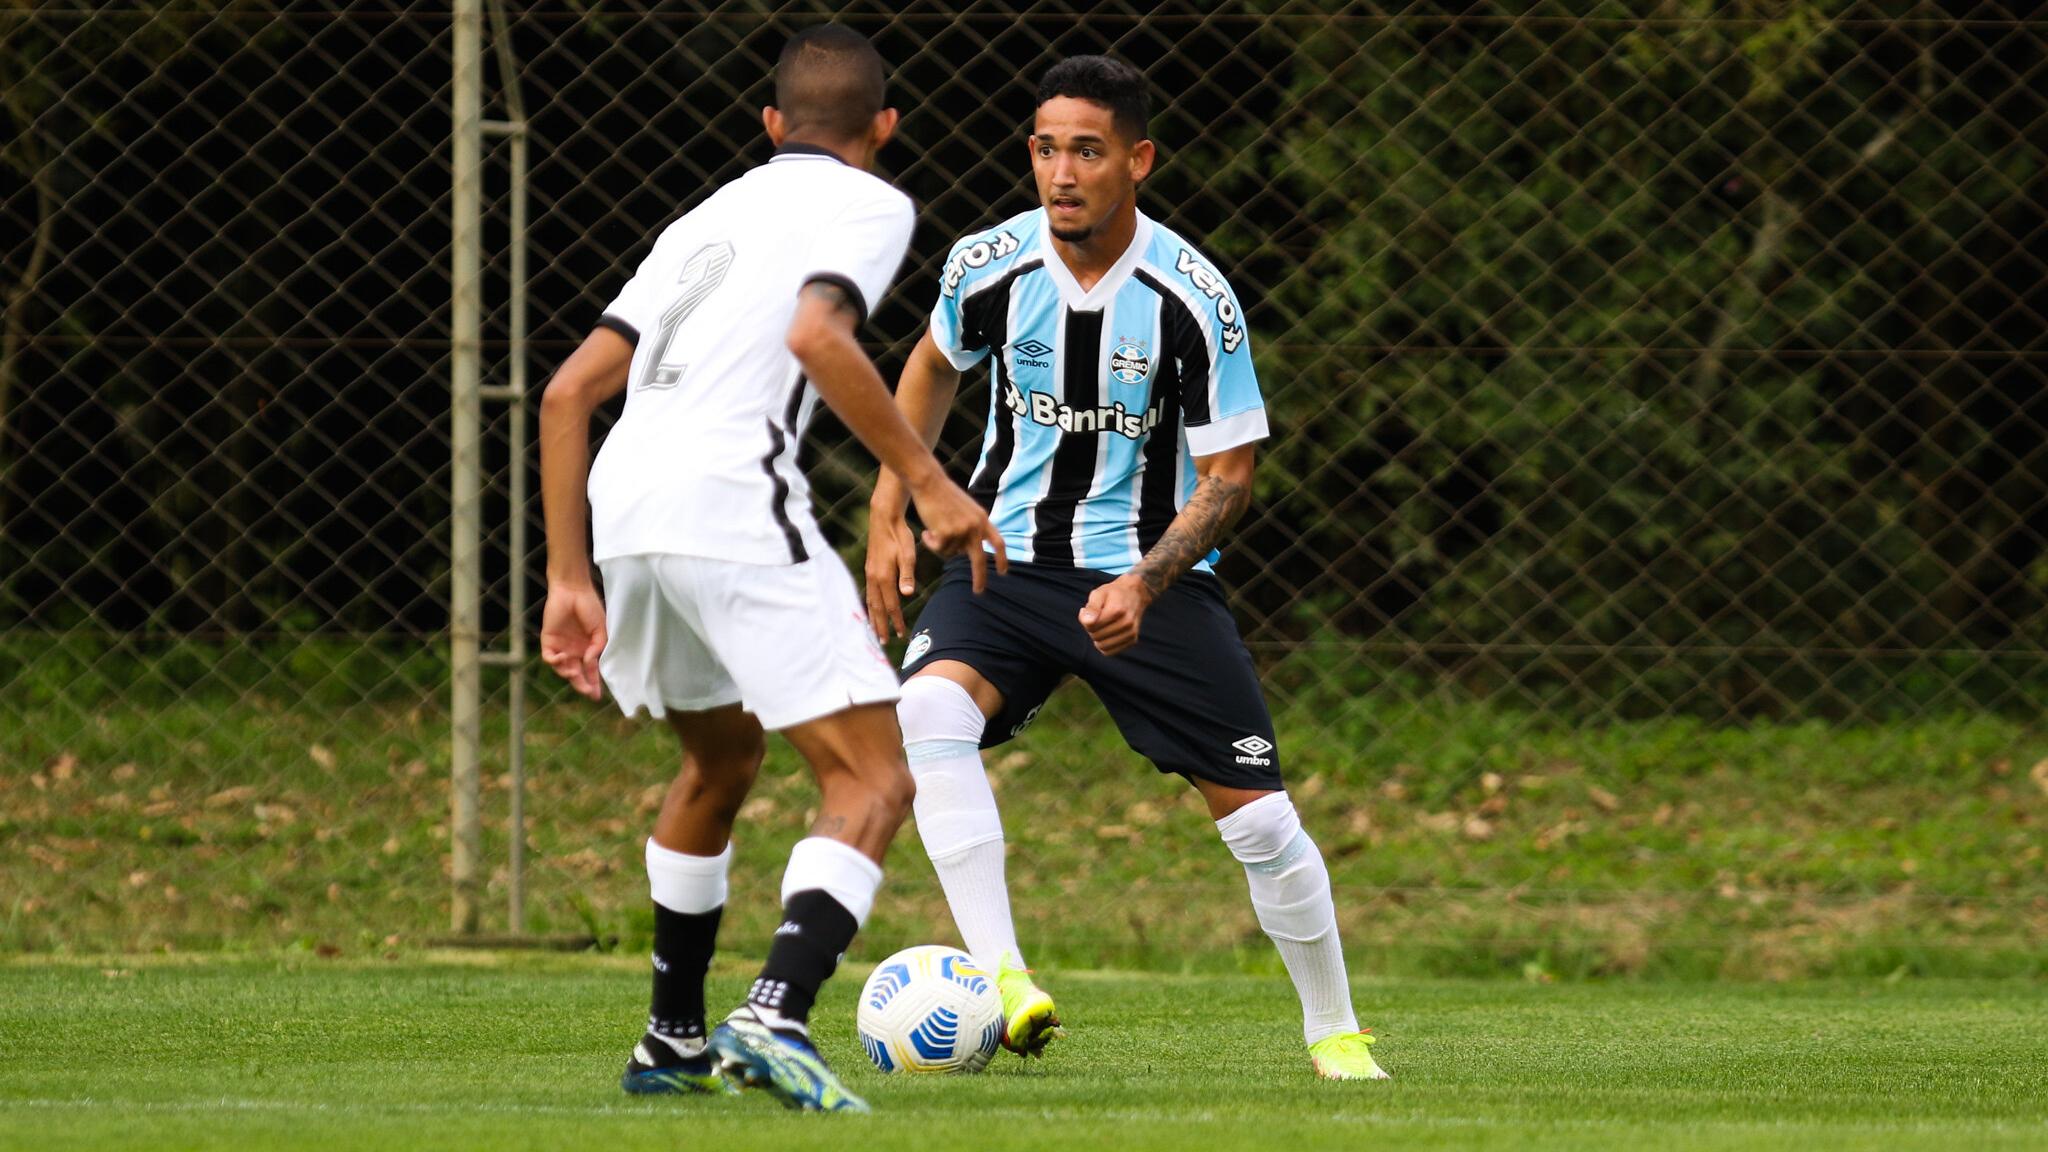 Em jogo movimentado, Grêmio e Corinthians empatam pelo Brasileirão de Aspirantes